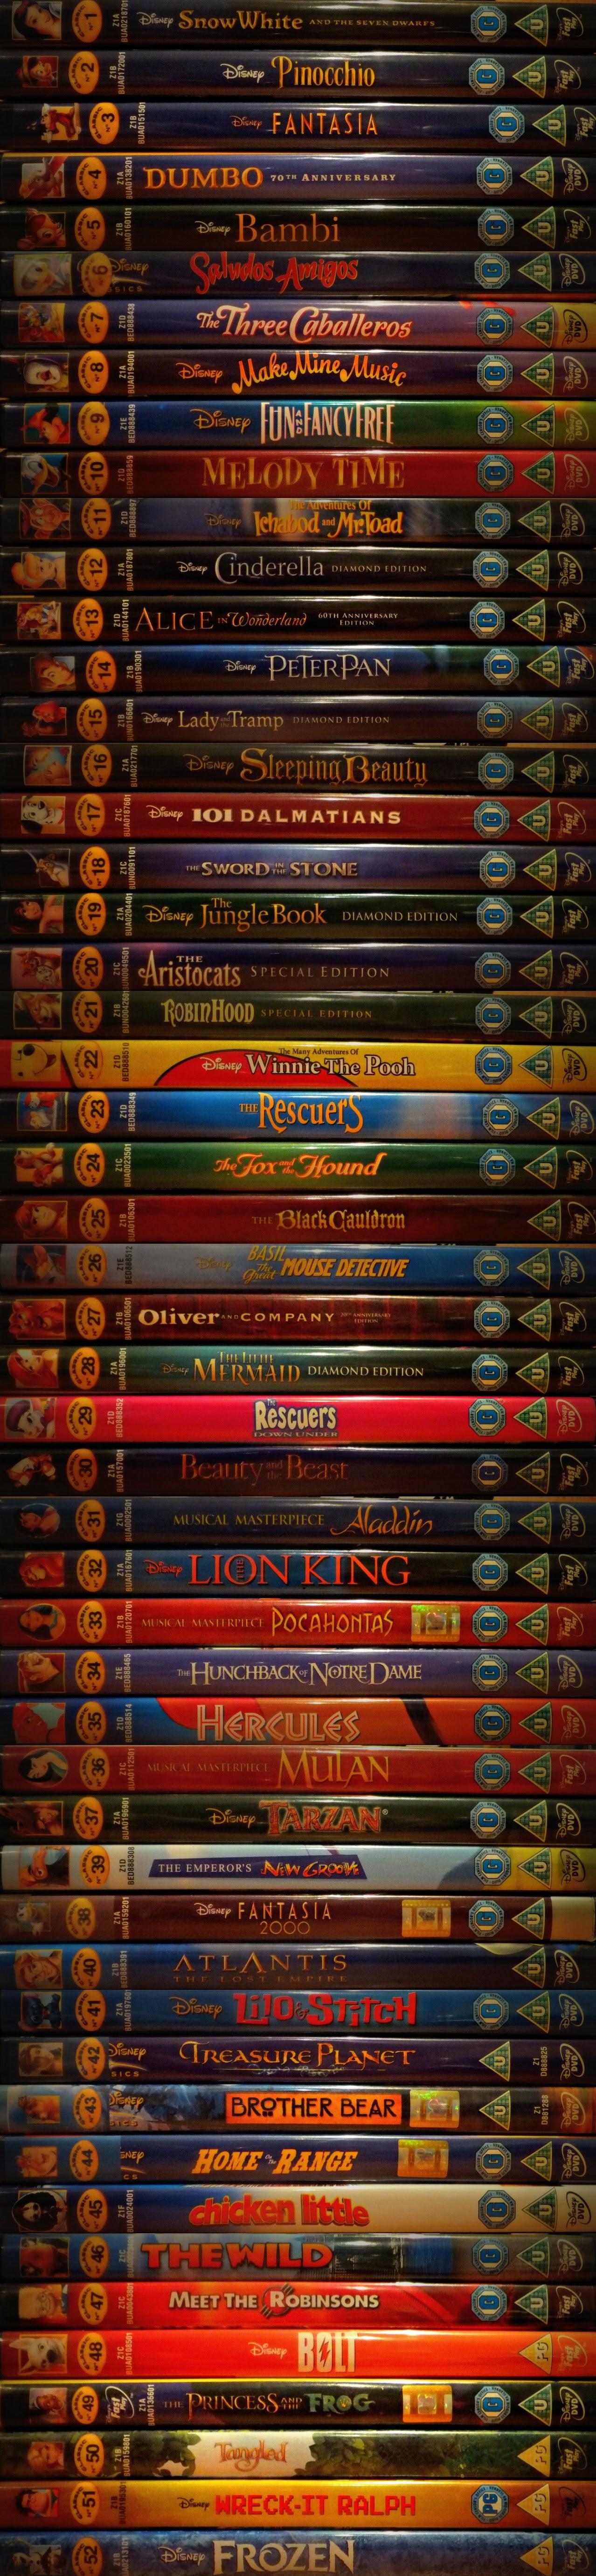 Lloms de tots els DVD de pel·lícules de la Disney